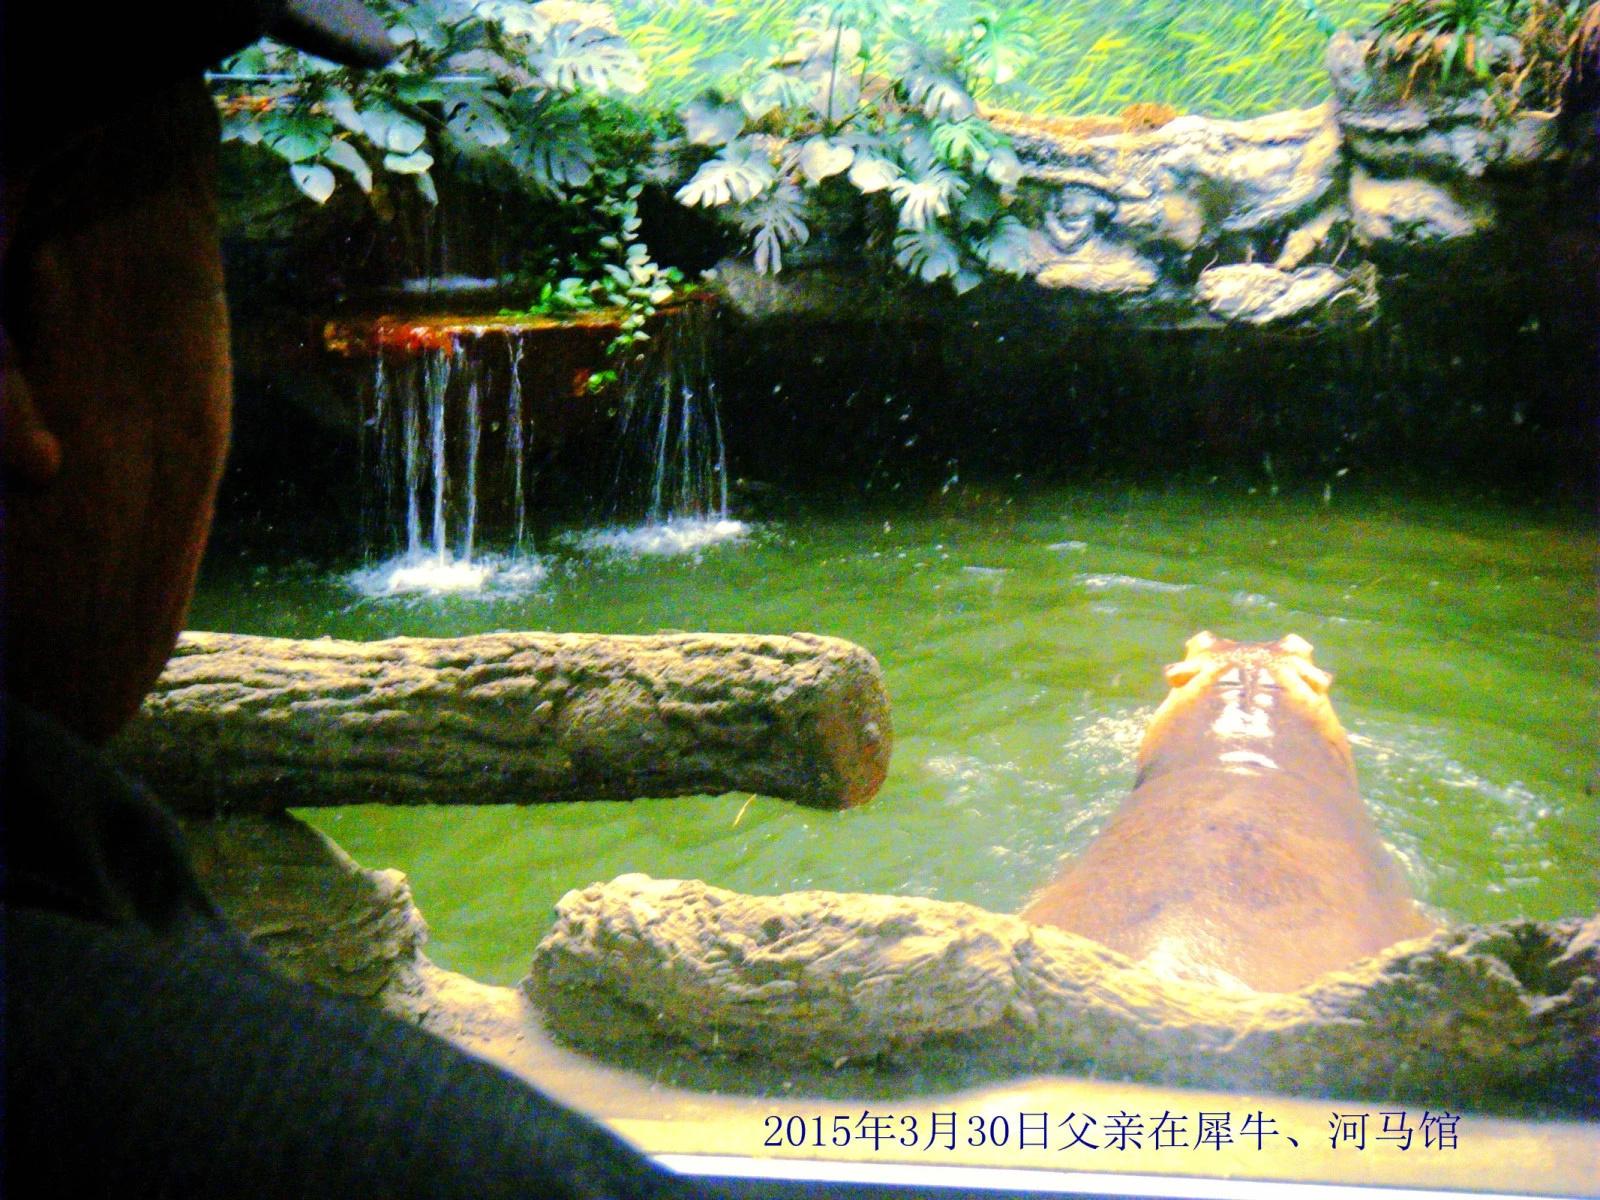 (原创)我陪老父逛北京动物园-乐龄游老年旅游网